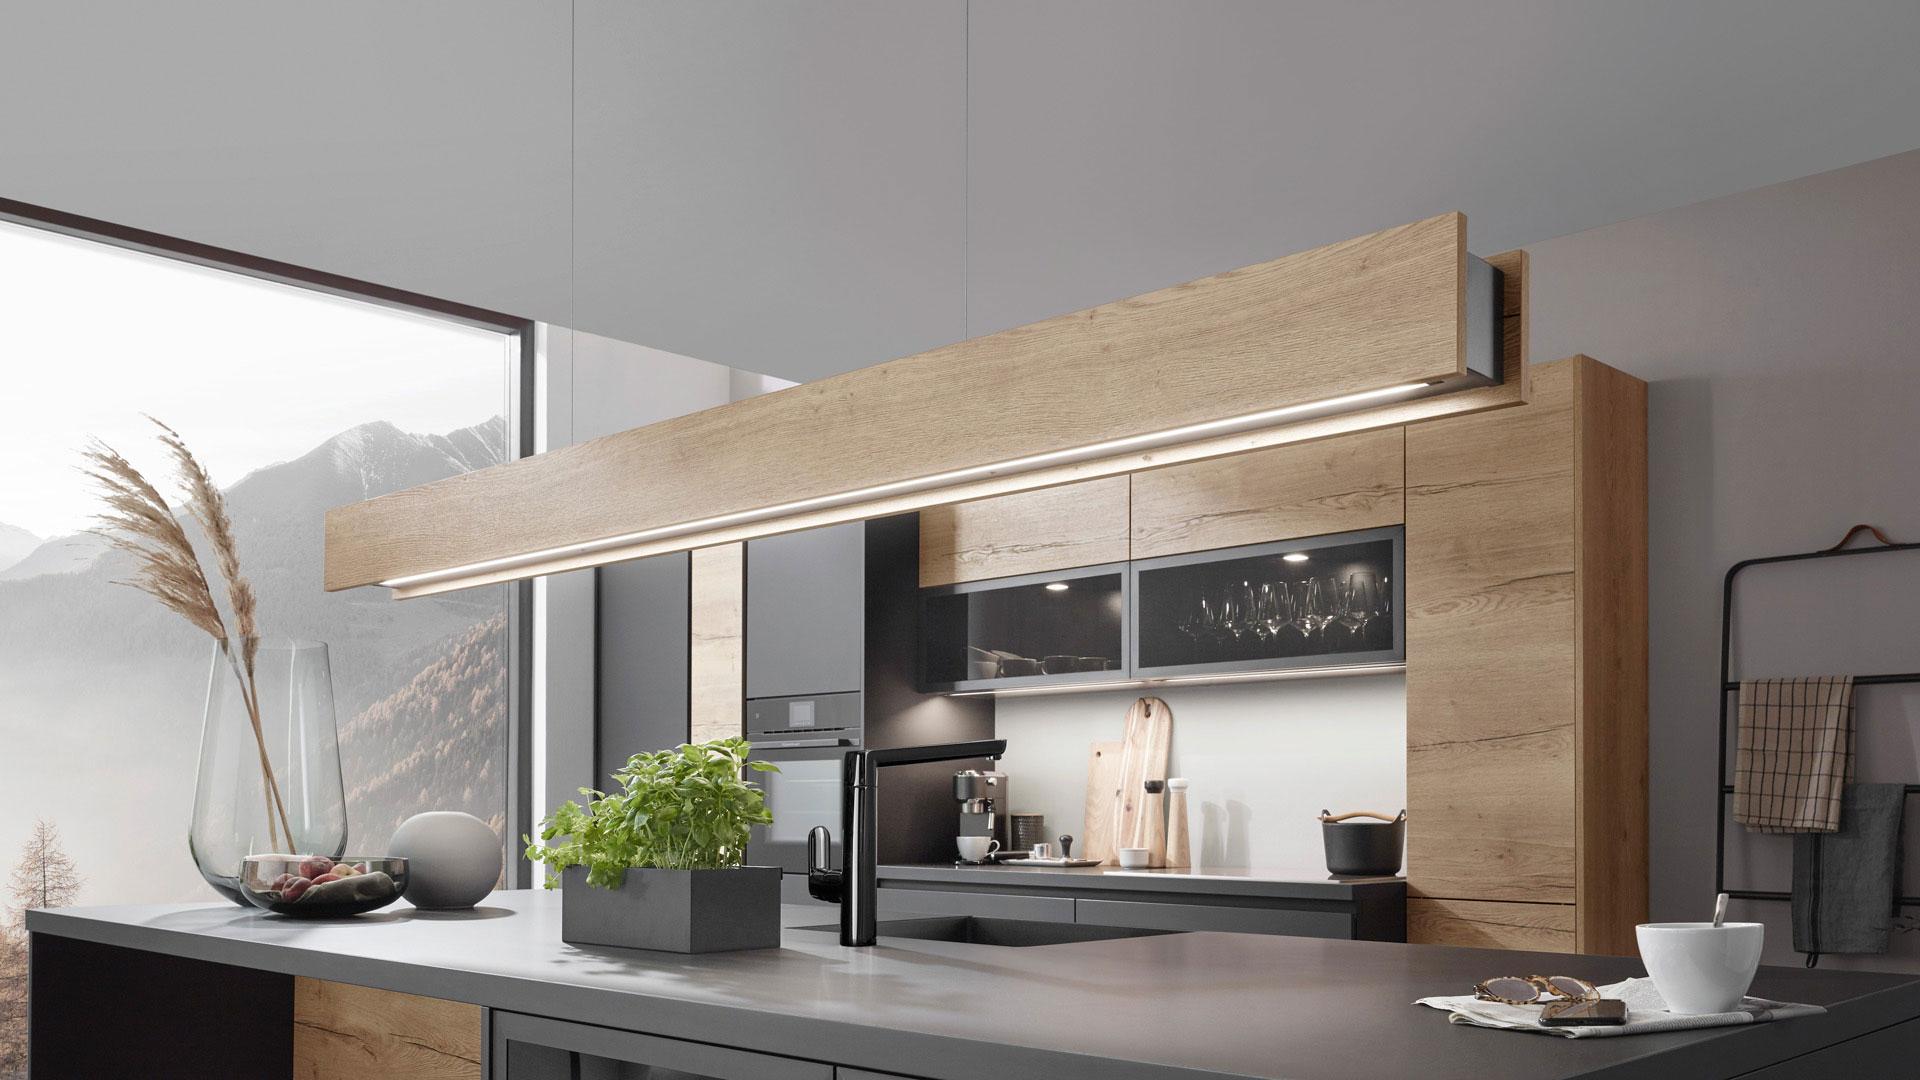 Vorteile einer Küchentheke - Sie wahnsinnig praktisch und verleiht Ihrer Traumküche einen ganz besonderen Charme